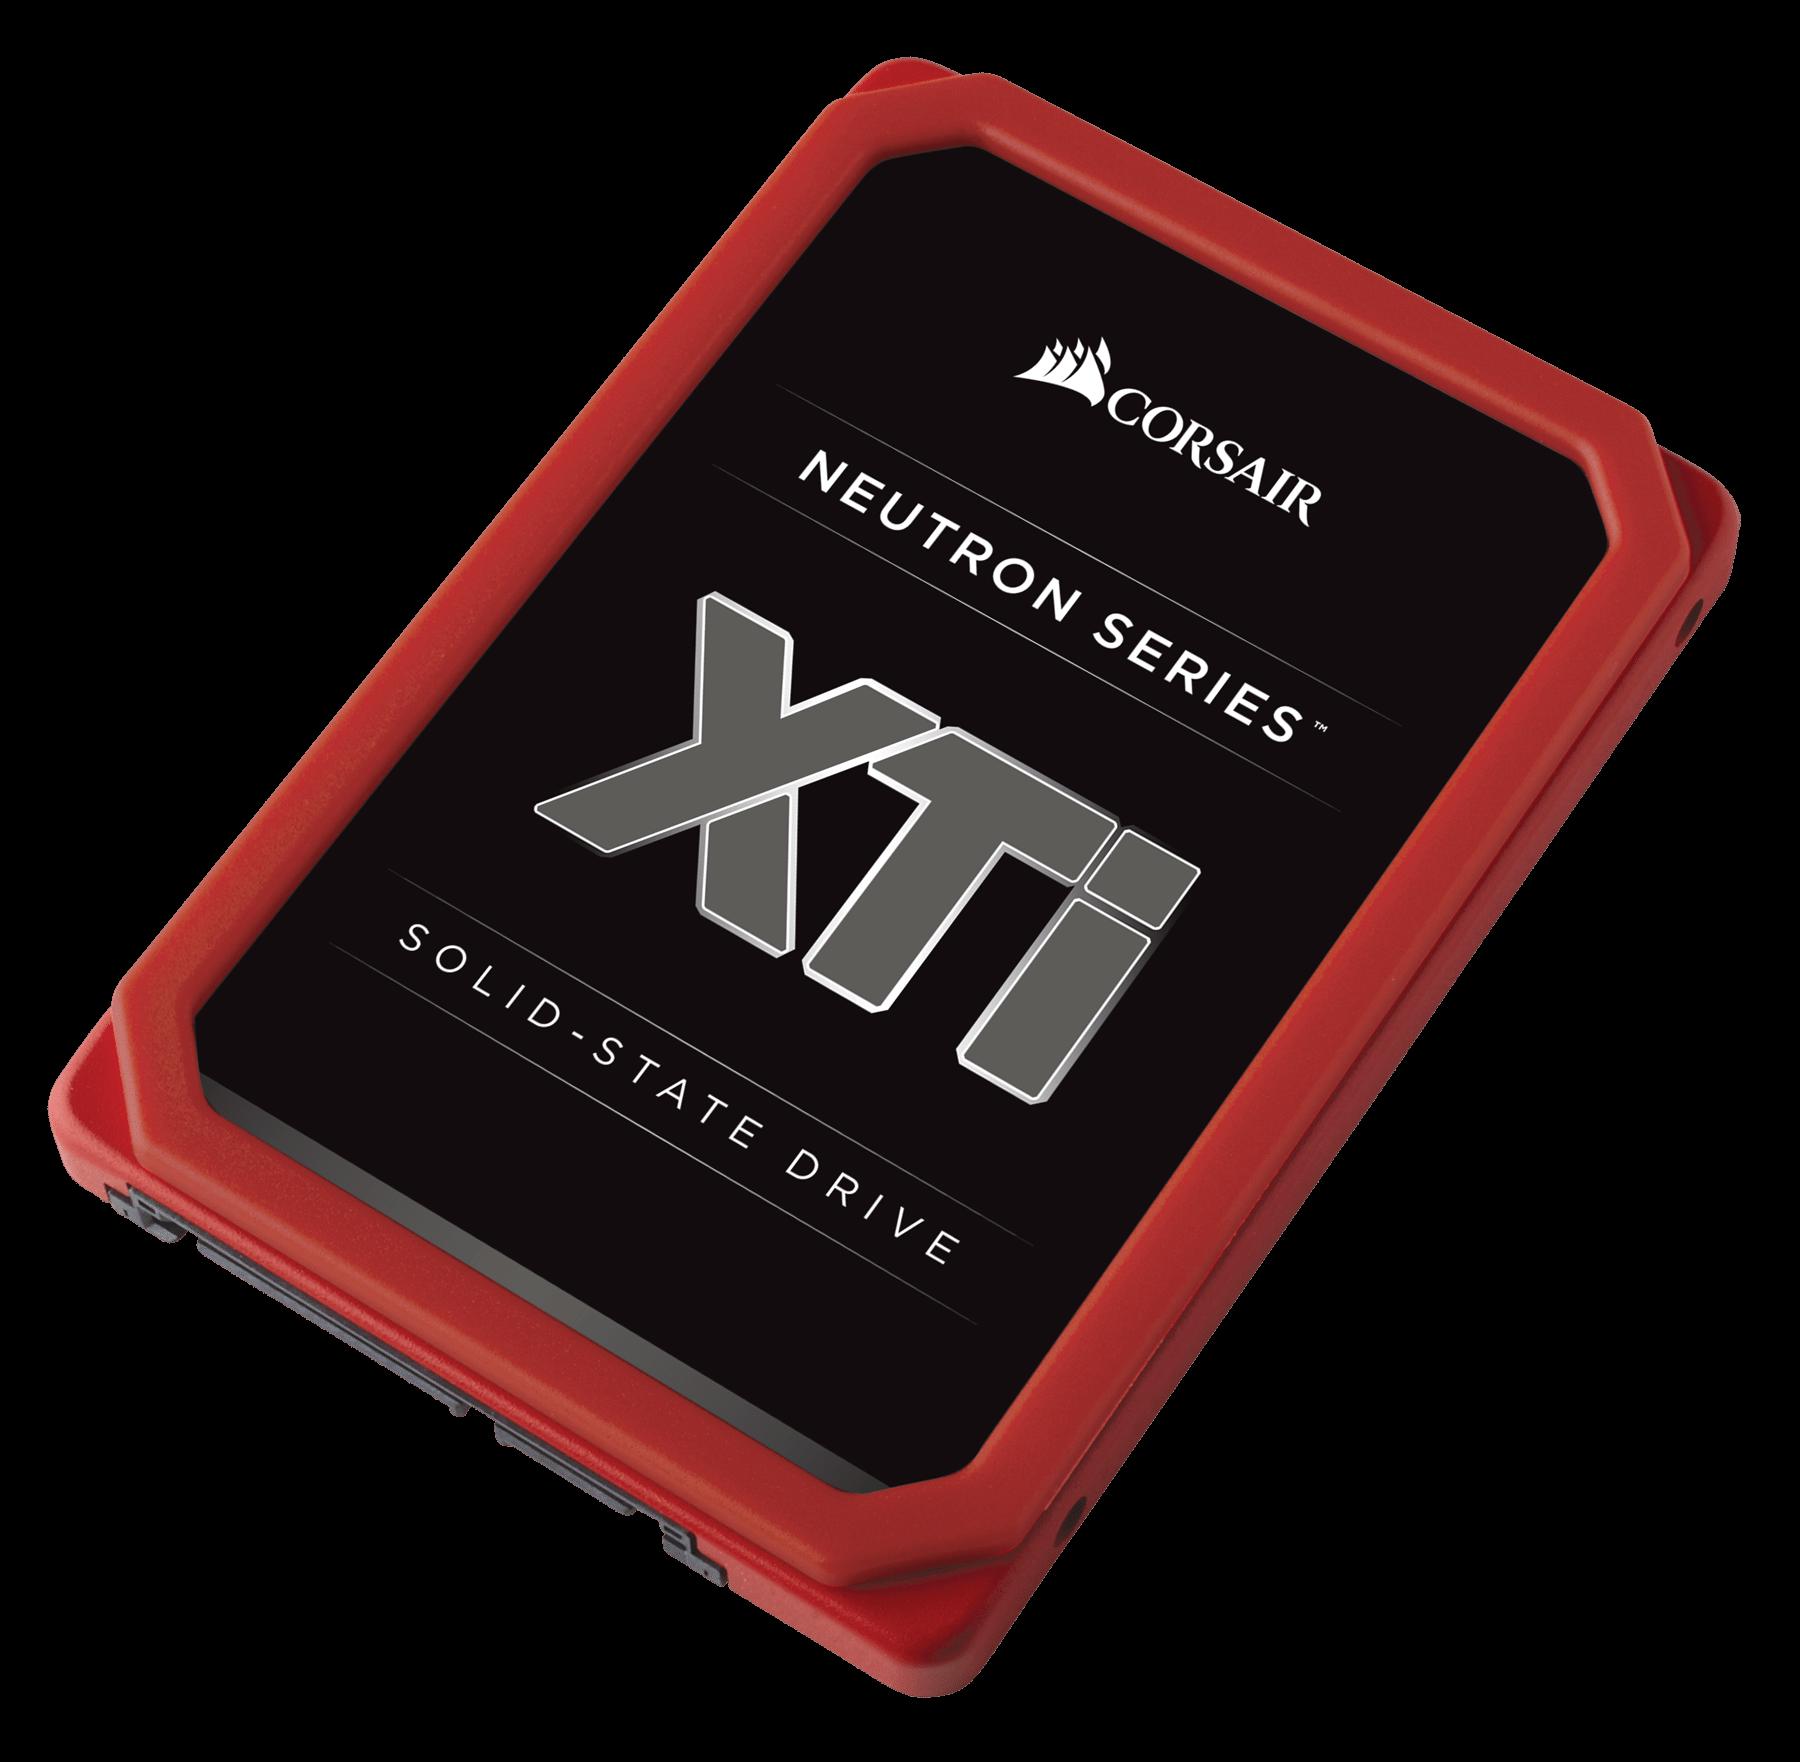 SSD_NTRN_XTi_05